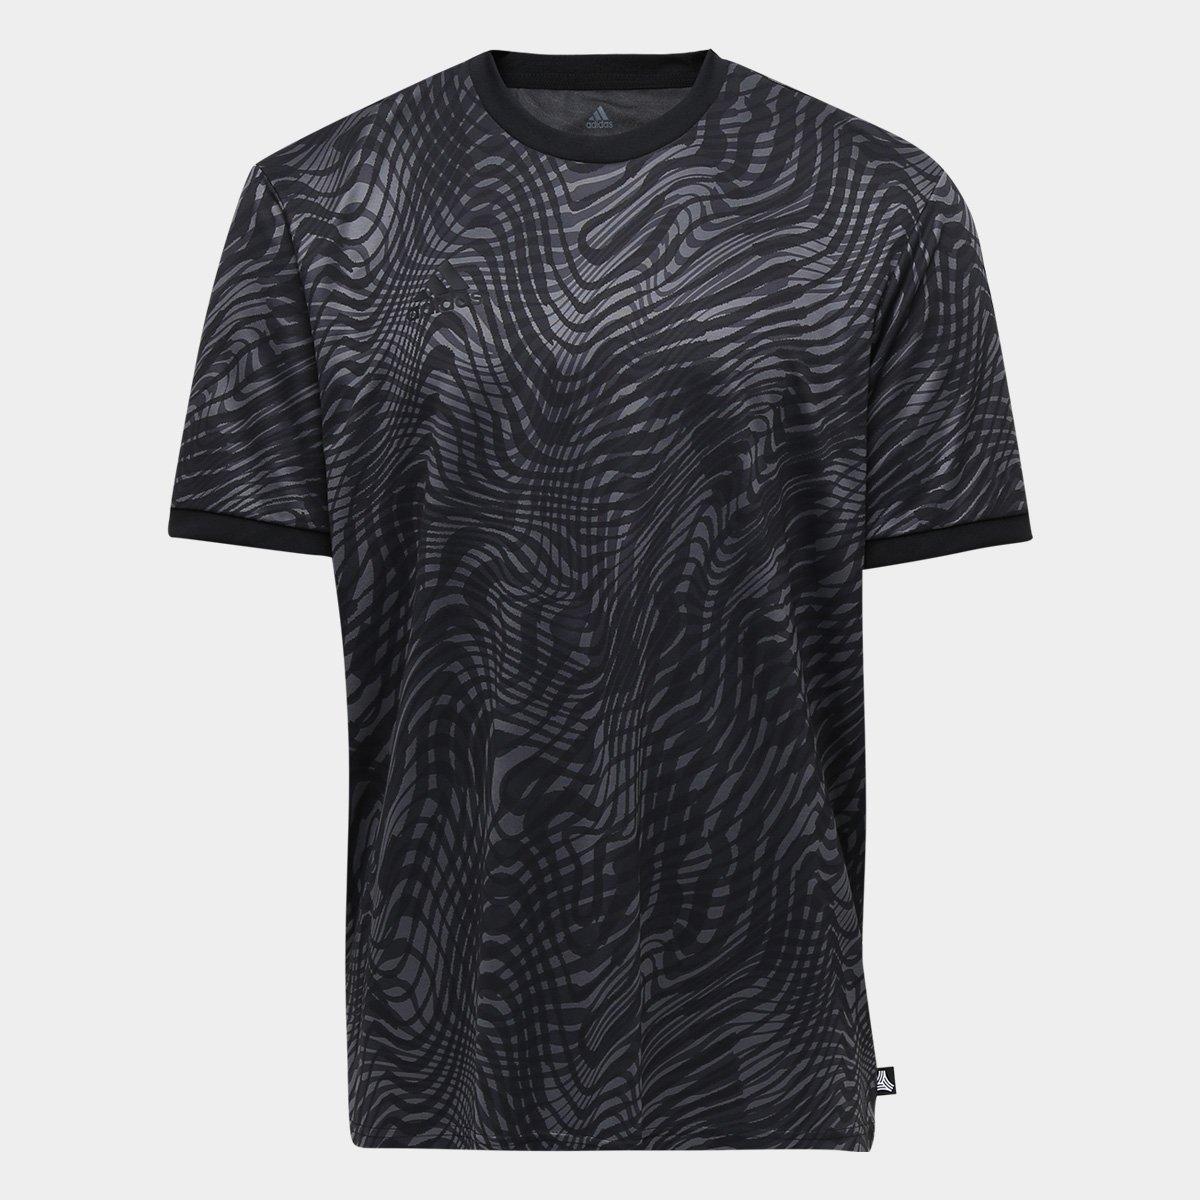 714183baf72 Camisa Adidas Tango ENG Masculina